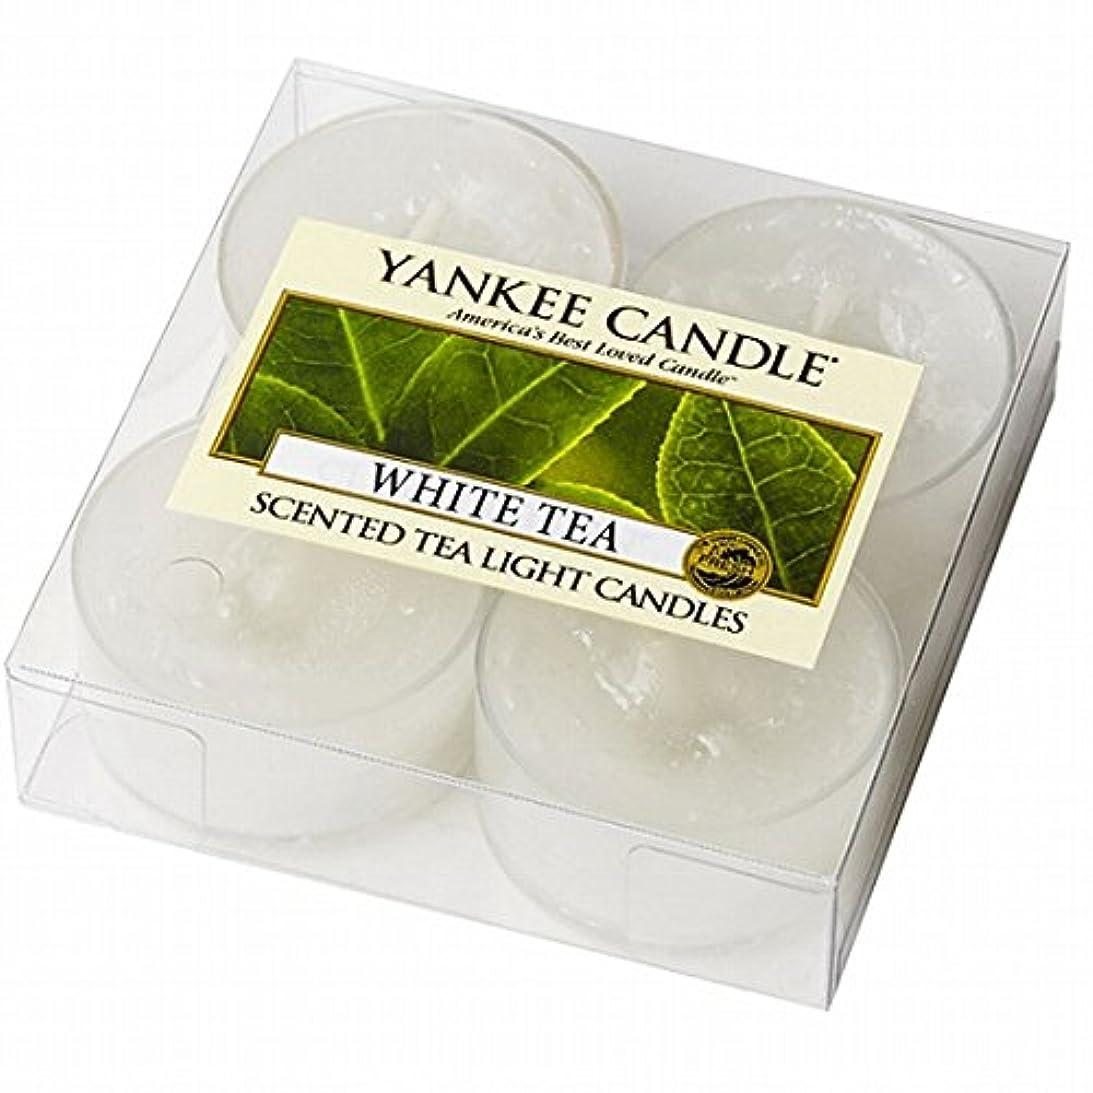 確率哀れな拒絶ヤンキーキャンドル(YANKEE CANDLE) YANKEE CANDLE クリアカップティーライト4個入り 「ホワイトティー」